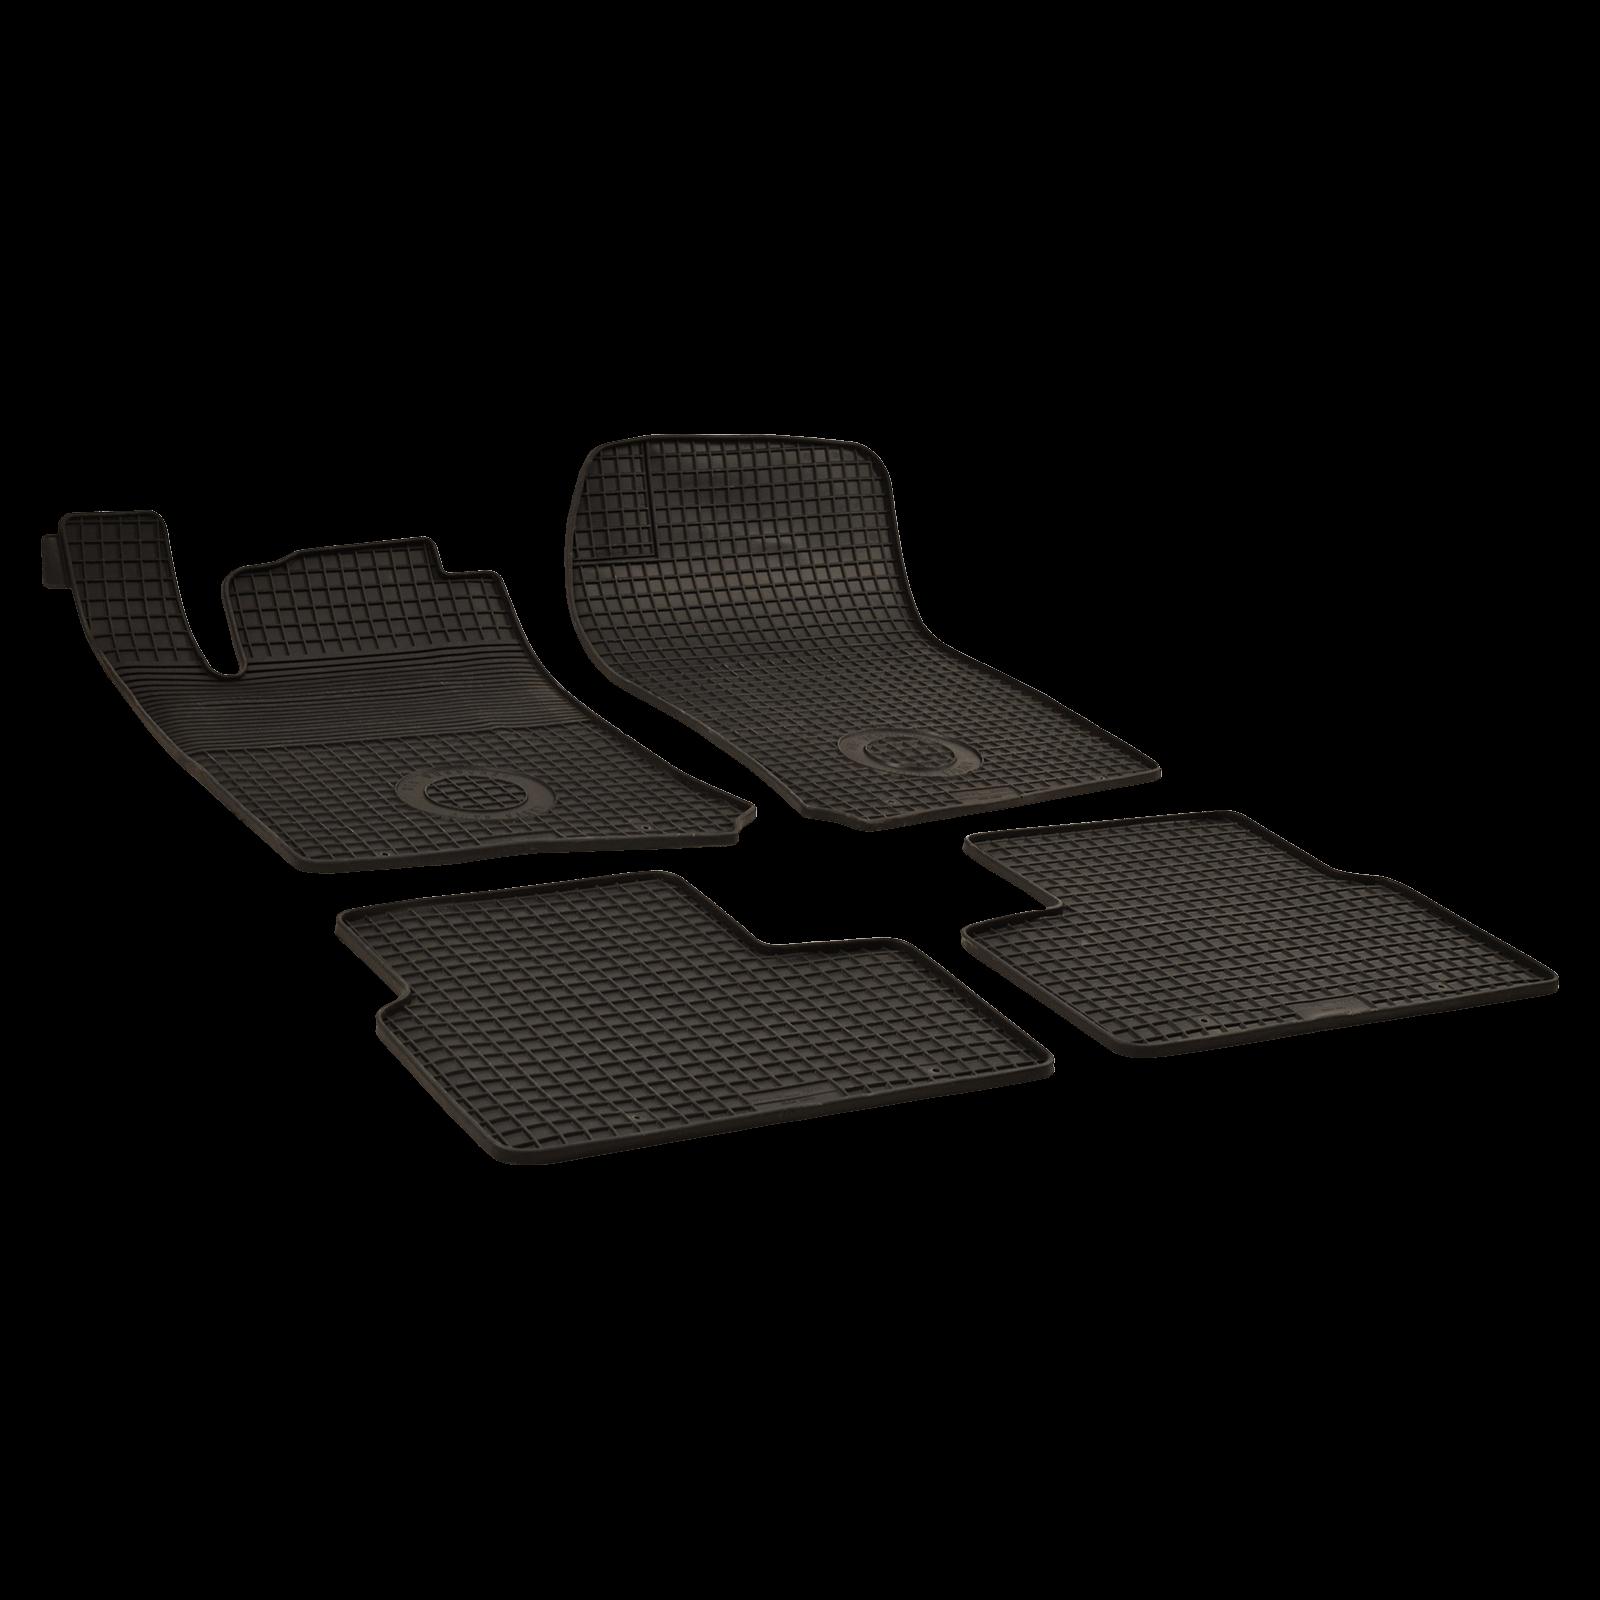 tapis de sol en caoutchouc anthracite pour opel vectra b. Black Bedroom Furniture Sets. Home Design Ideas